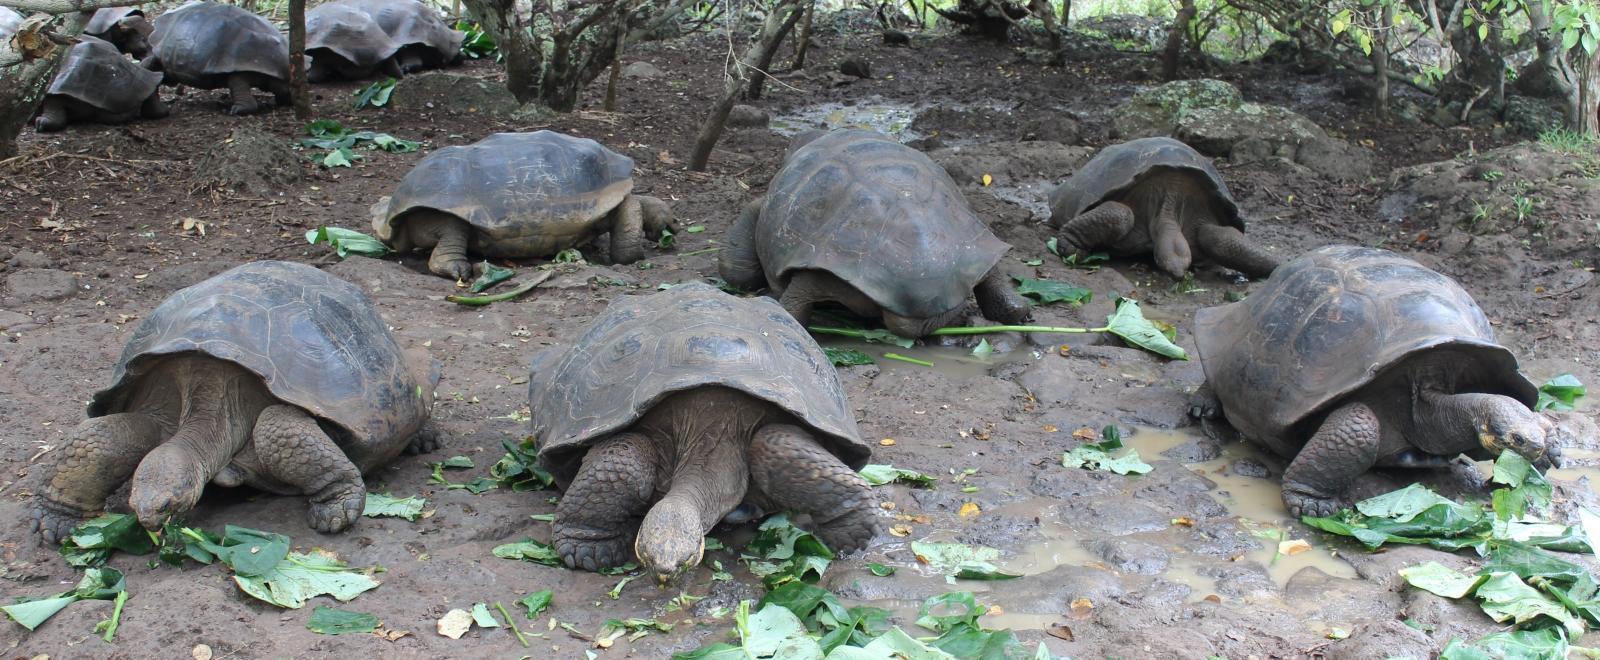 Tortugas gigantes siendo alimentadas en nuestro voluntariado en Galápagos.